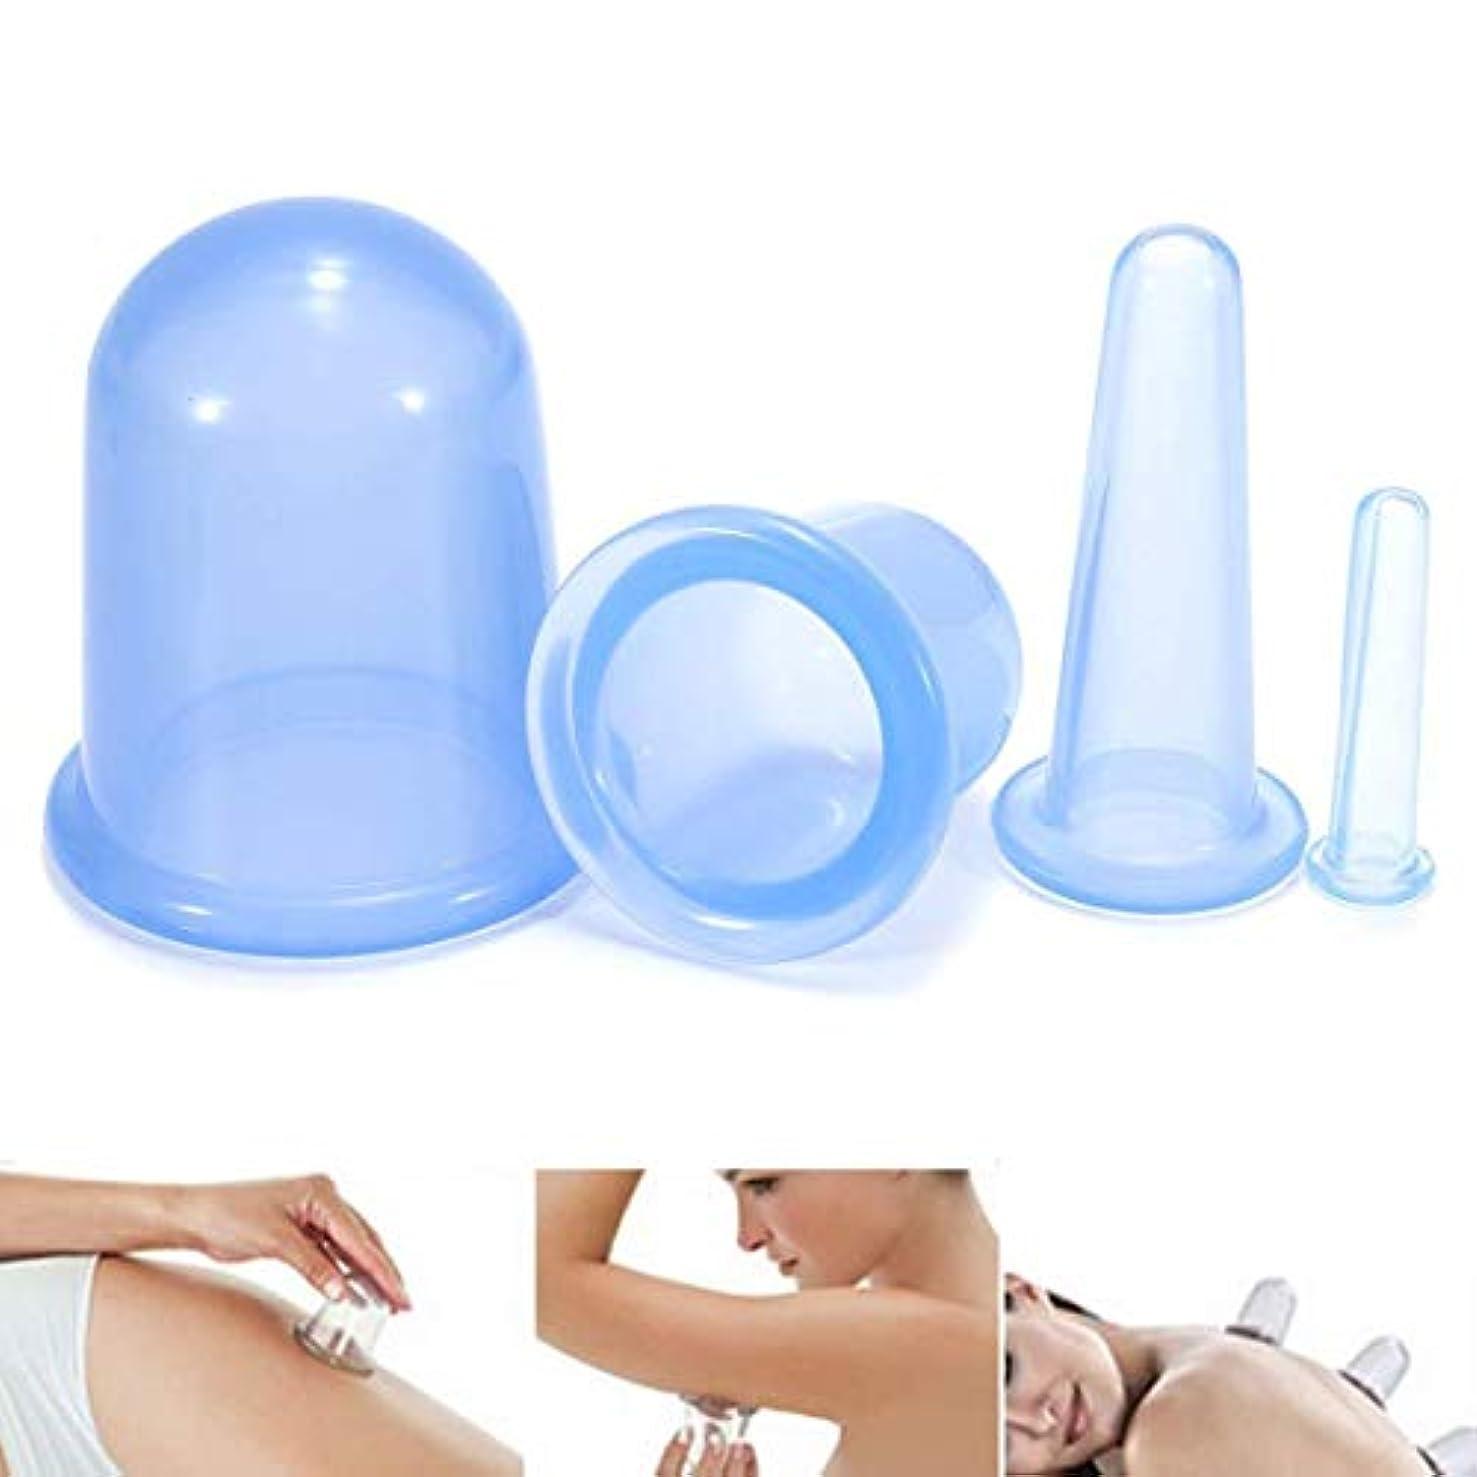 フィード期待相反するセルライトカッピングセット療法マッサージGuasha吸引真空マッサージカップ美容シリコーンカッピング